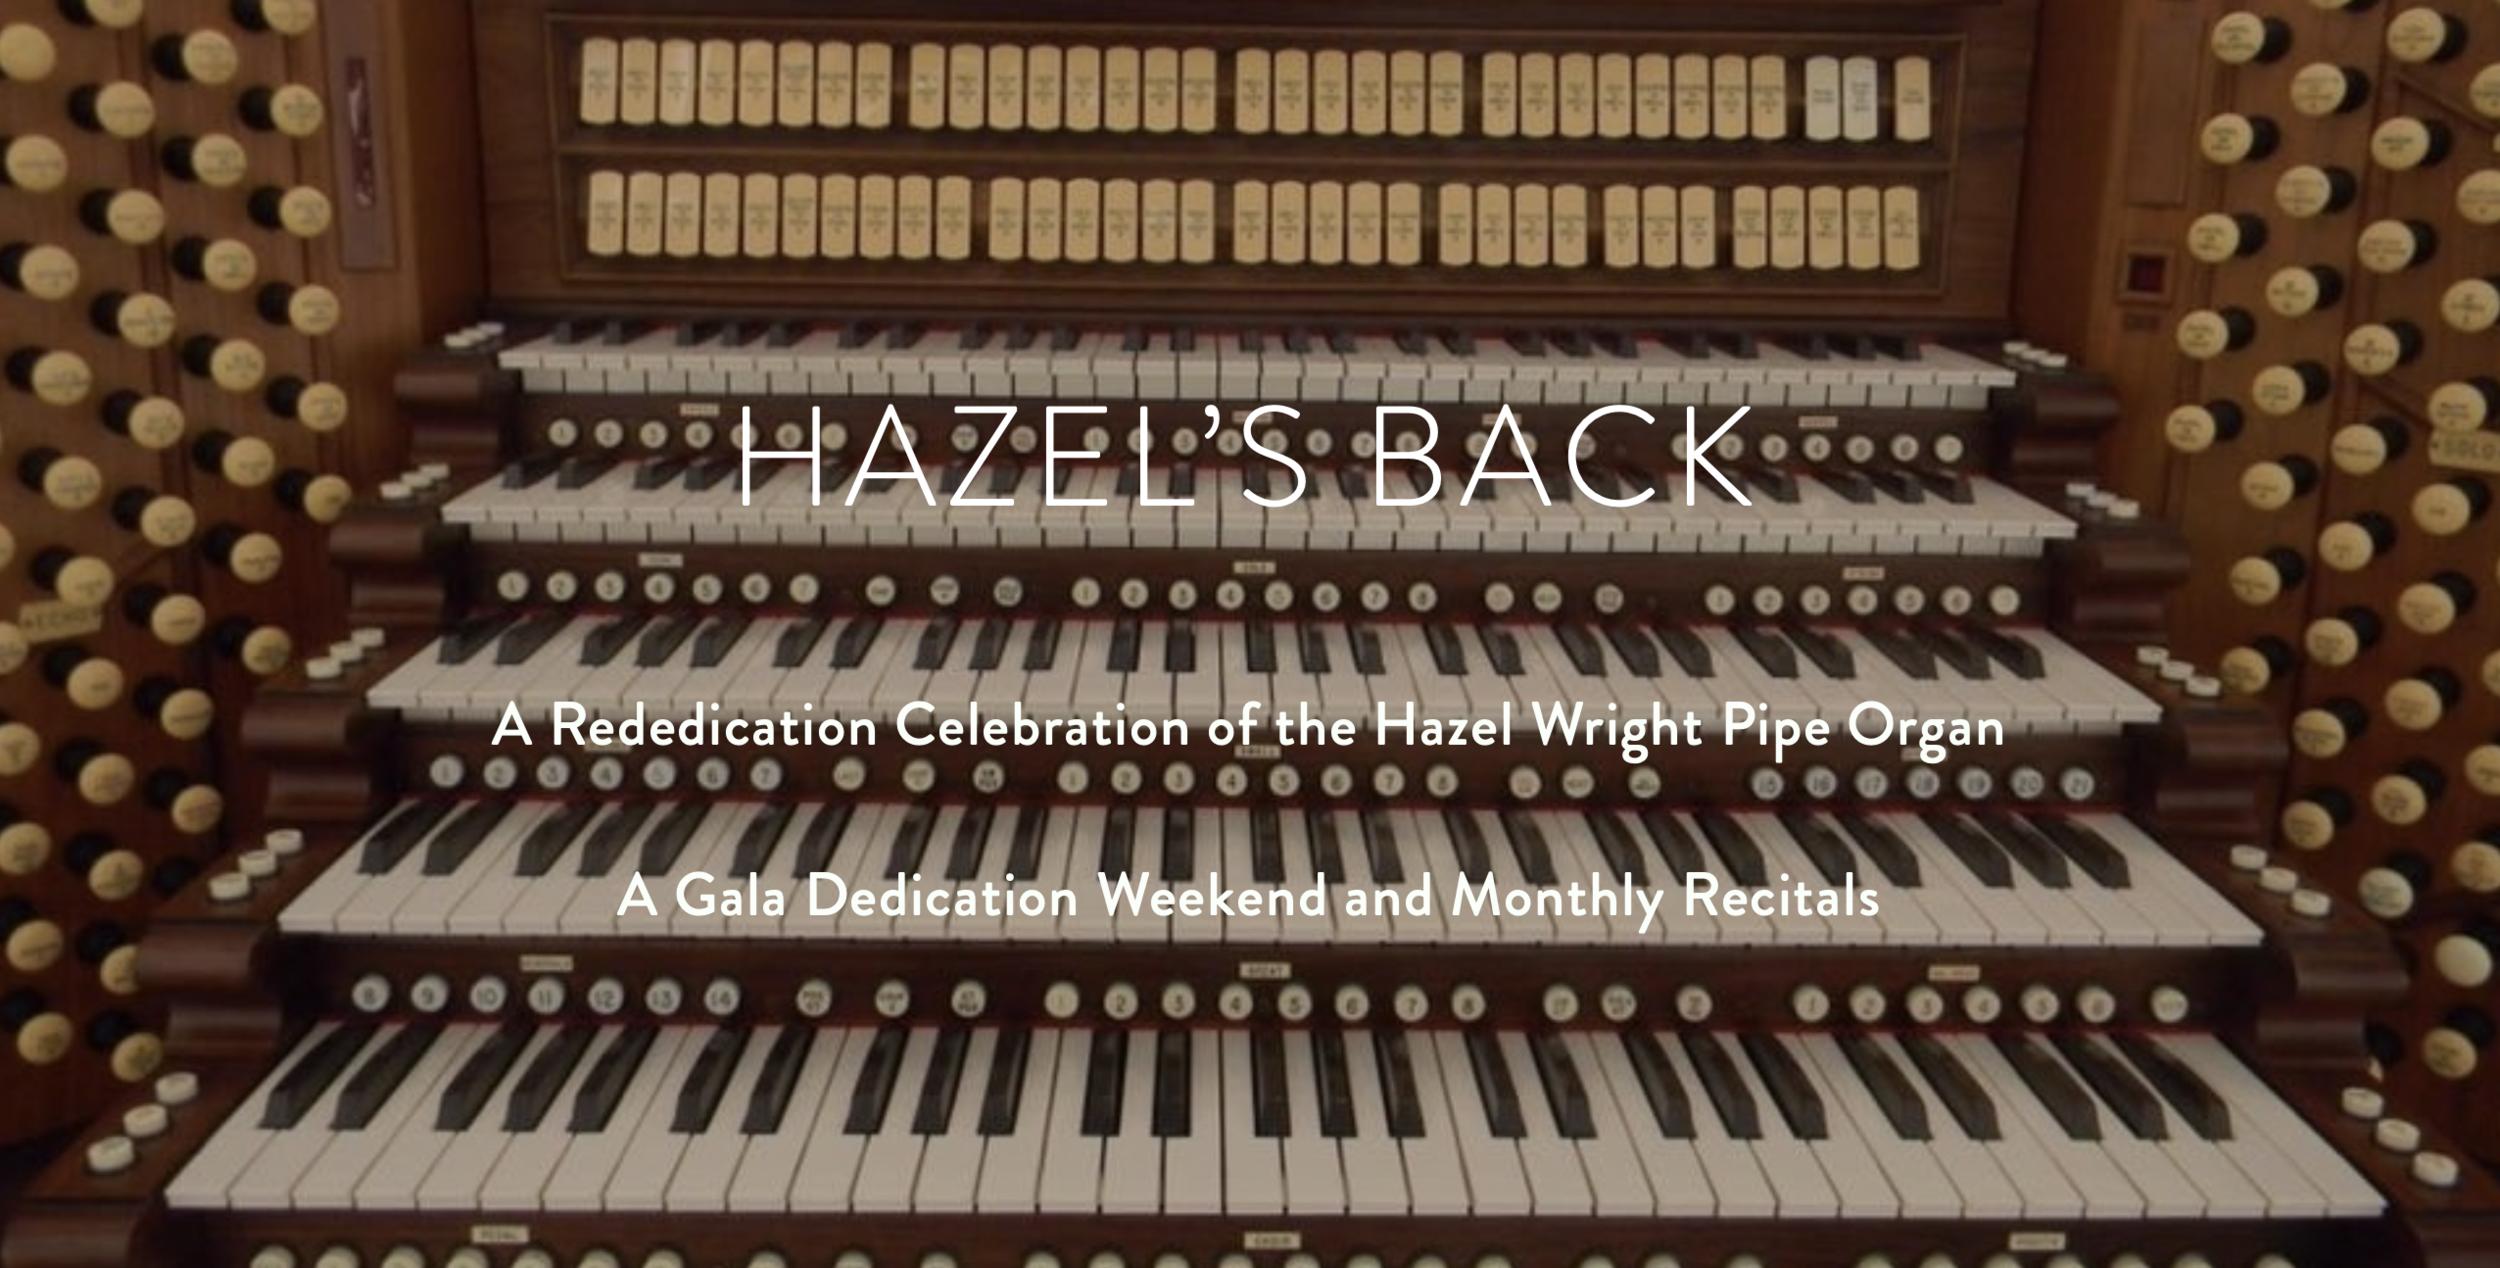 www.HazelisBack.org